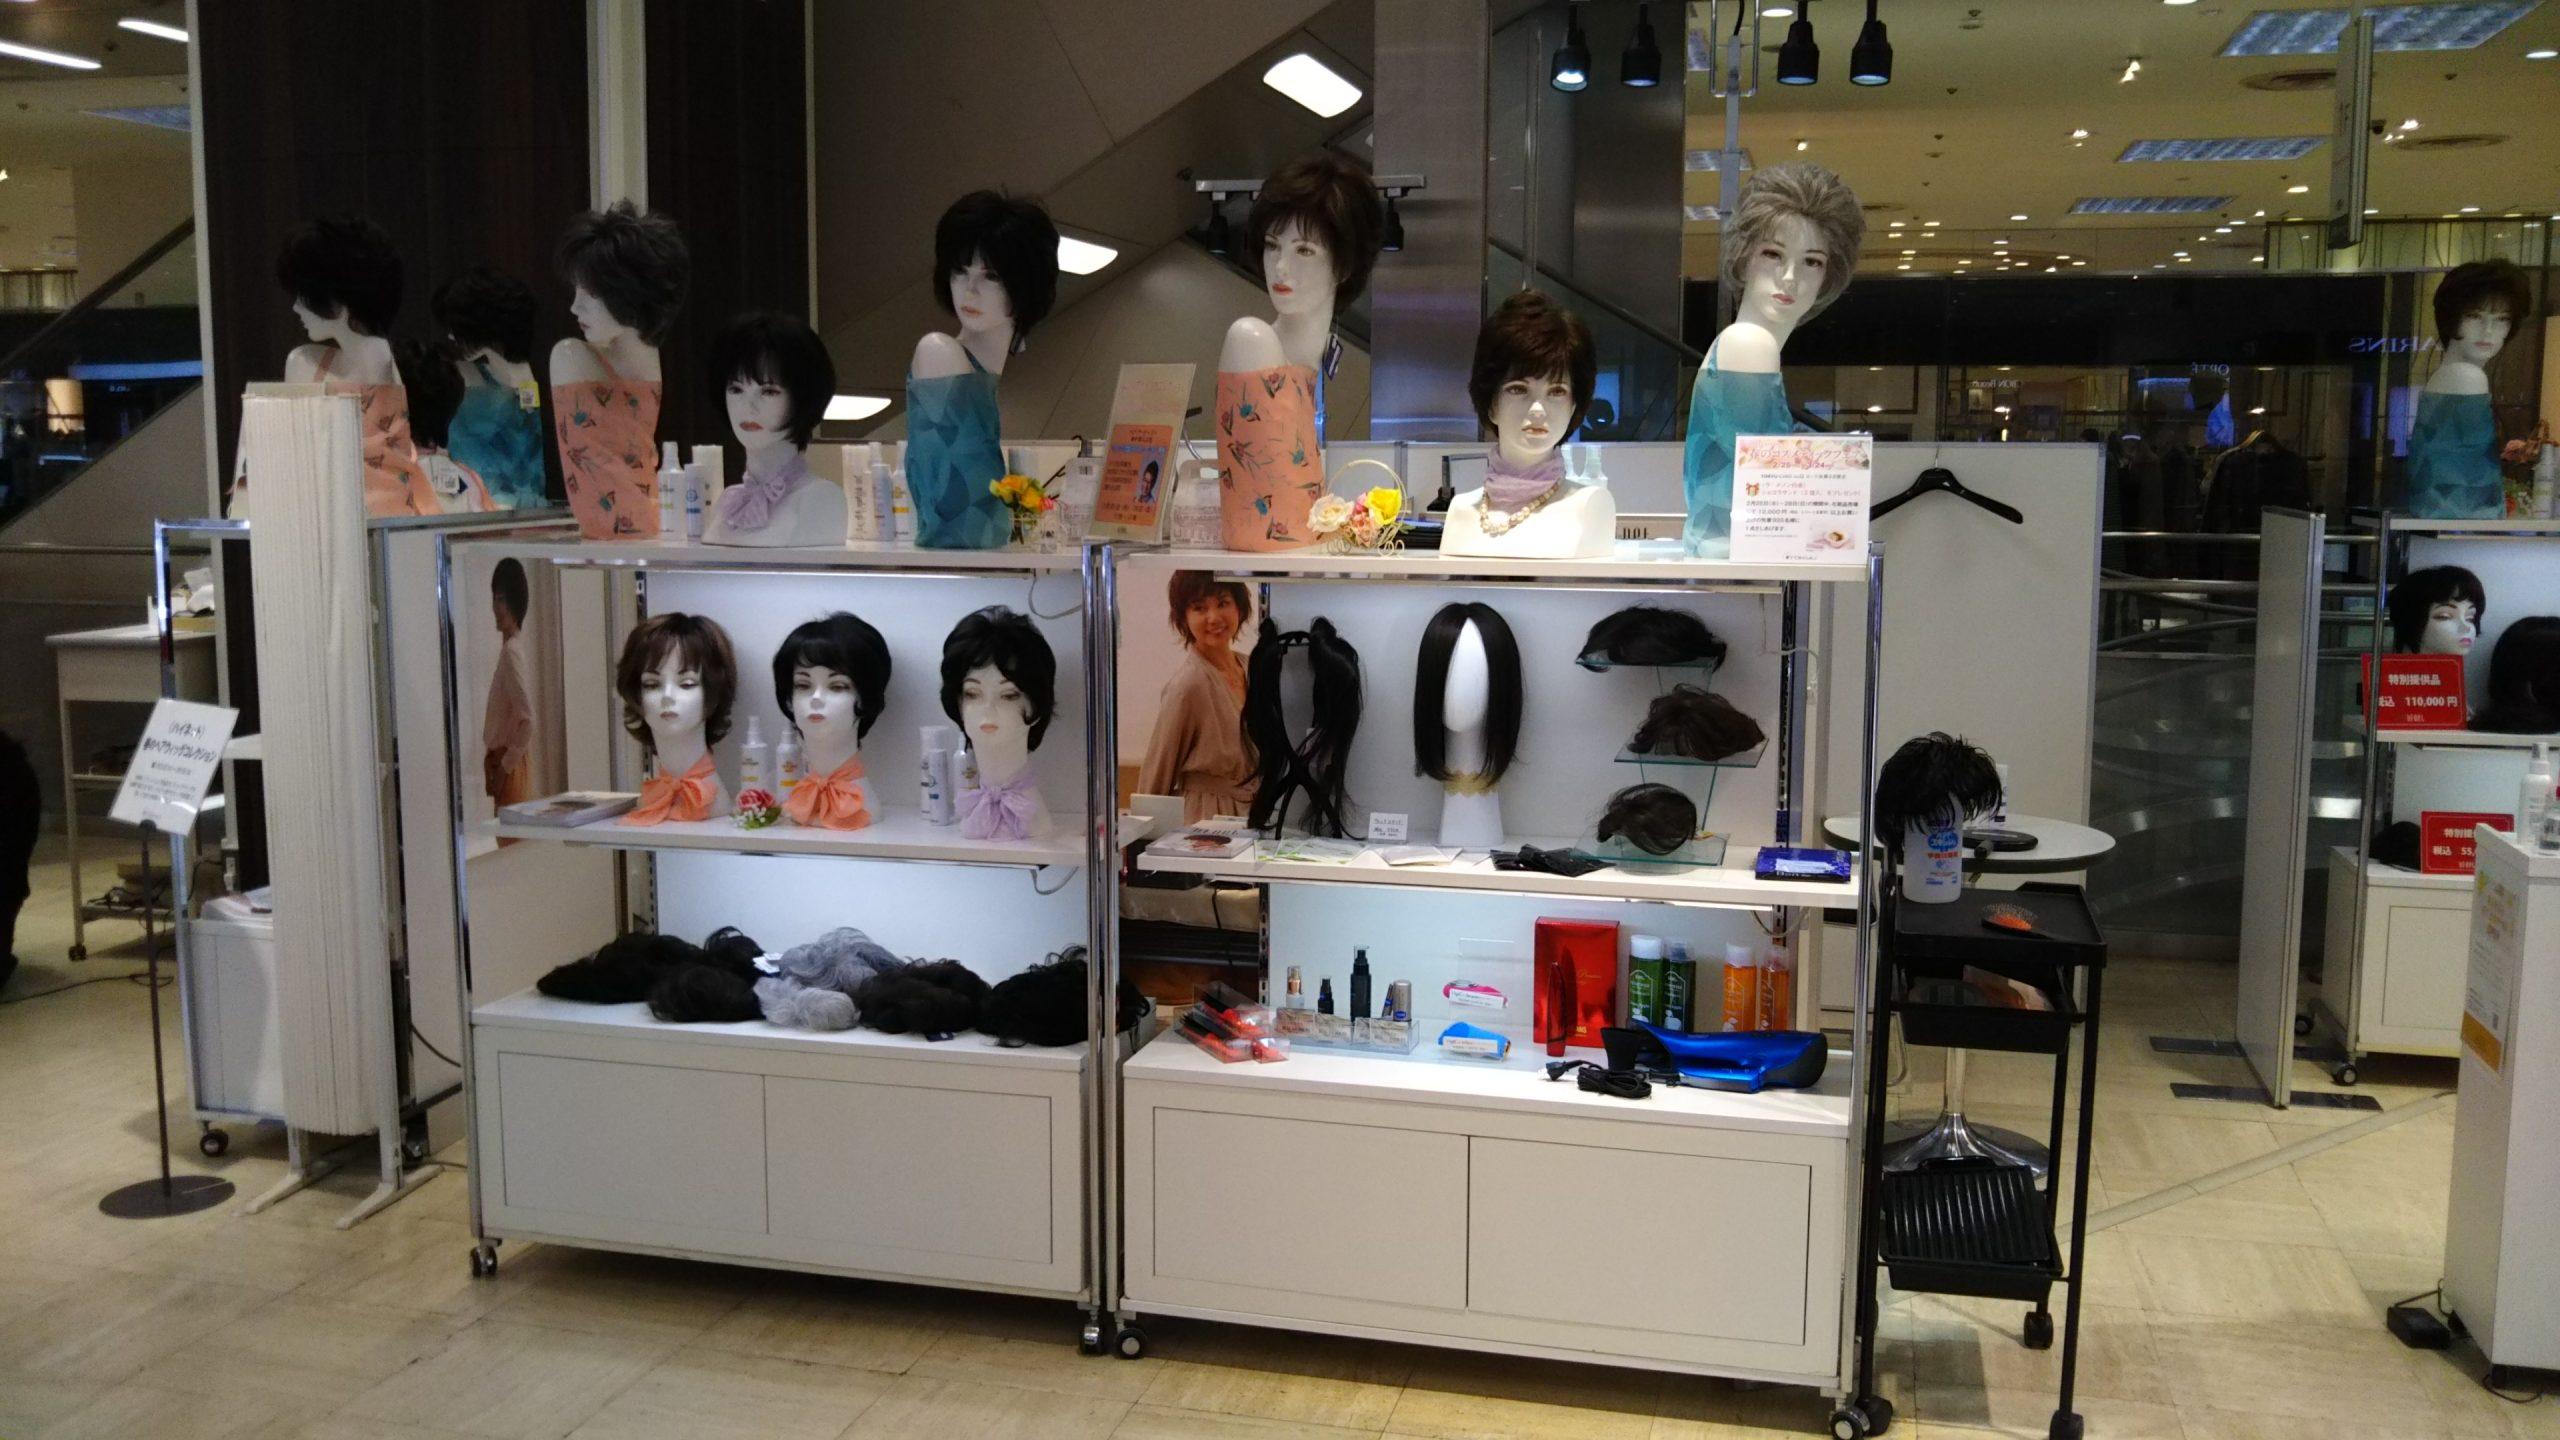 ハイネット春のヘアウイッグコレクション<br>たまプラーザ東急店